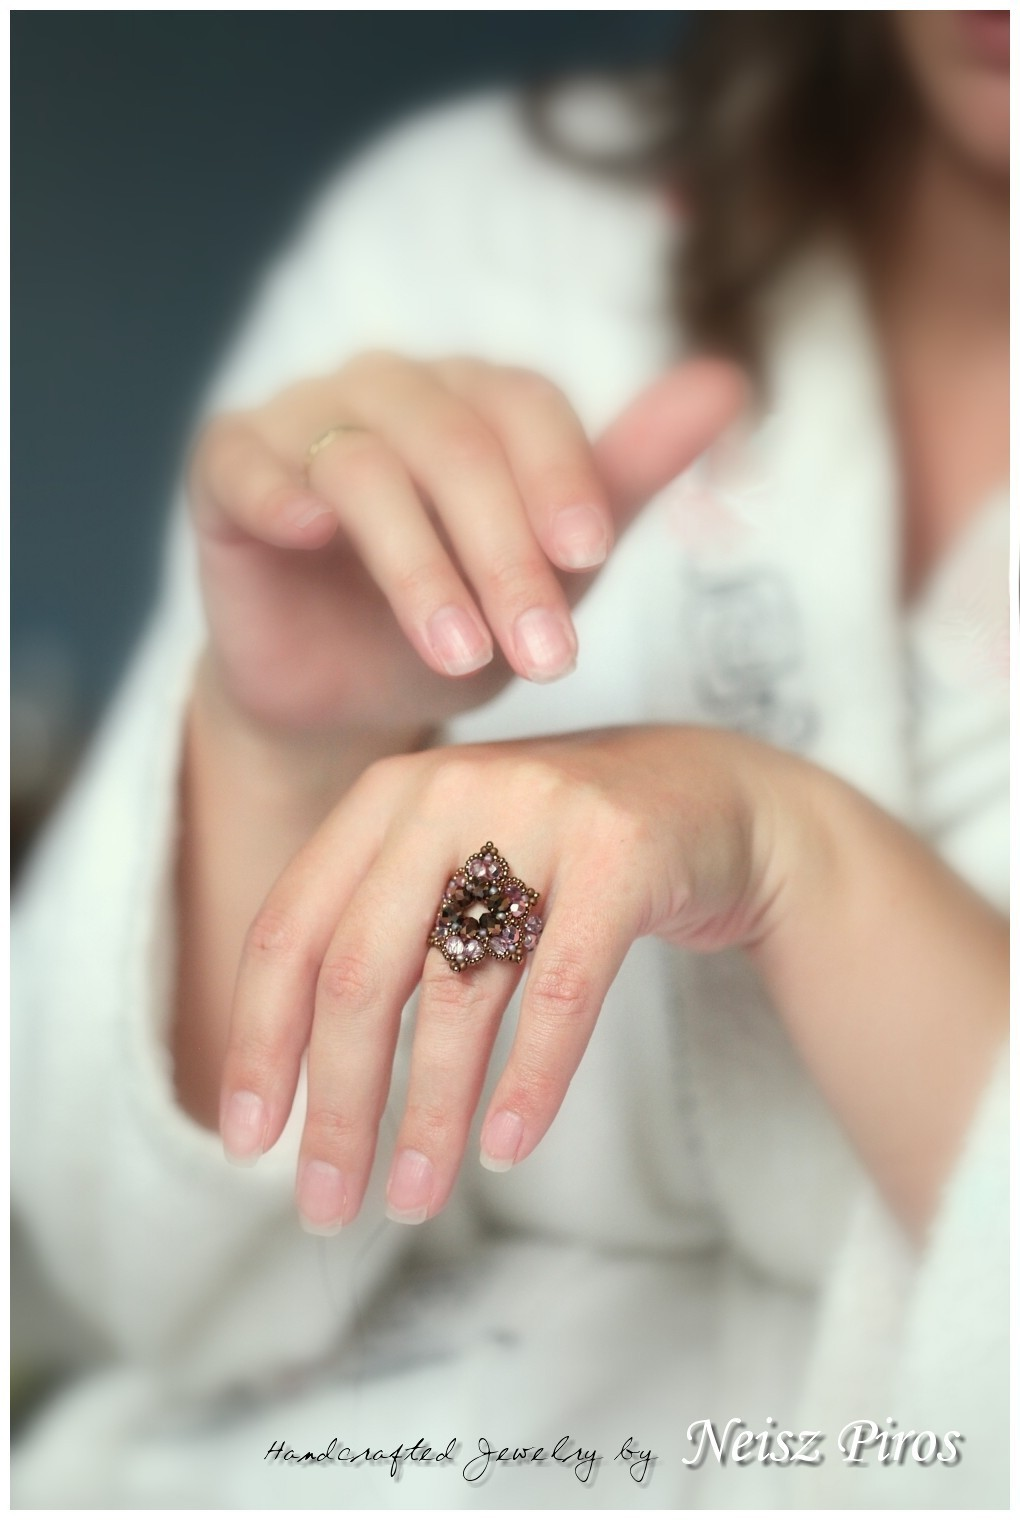 piros gyűrű a kezén